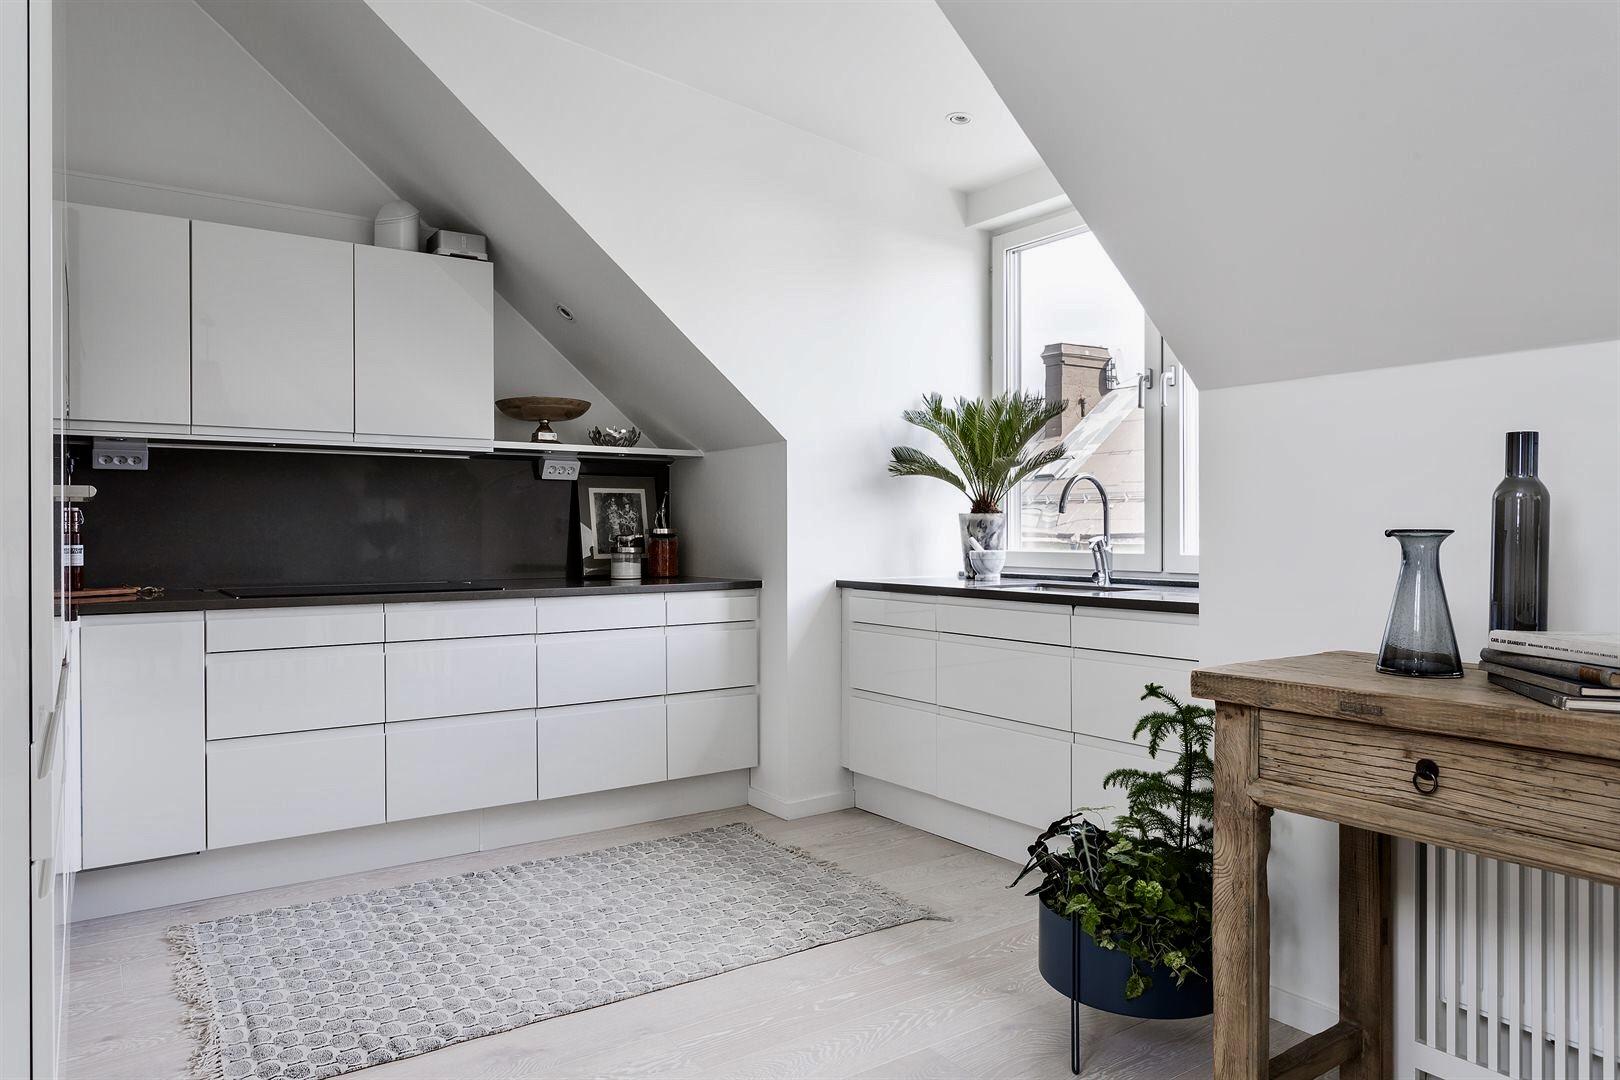 кухня белые гладкие фасады светлый пол белые стены мансарда черная столешница деревянная консоль окно